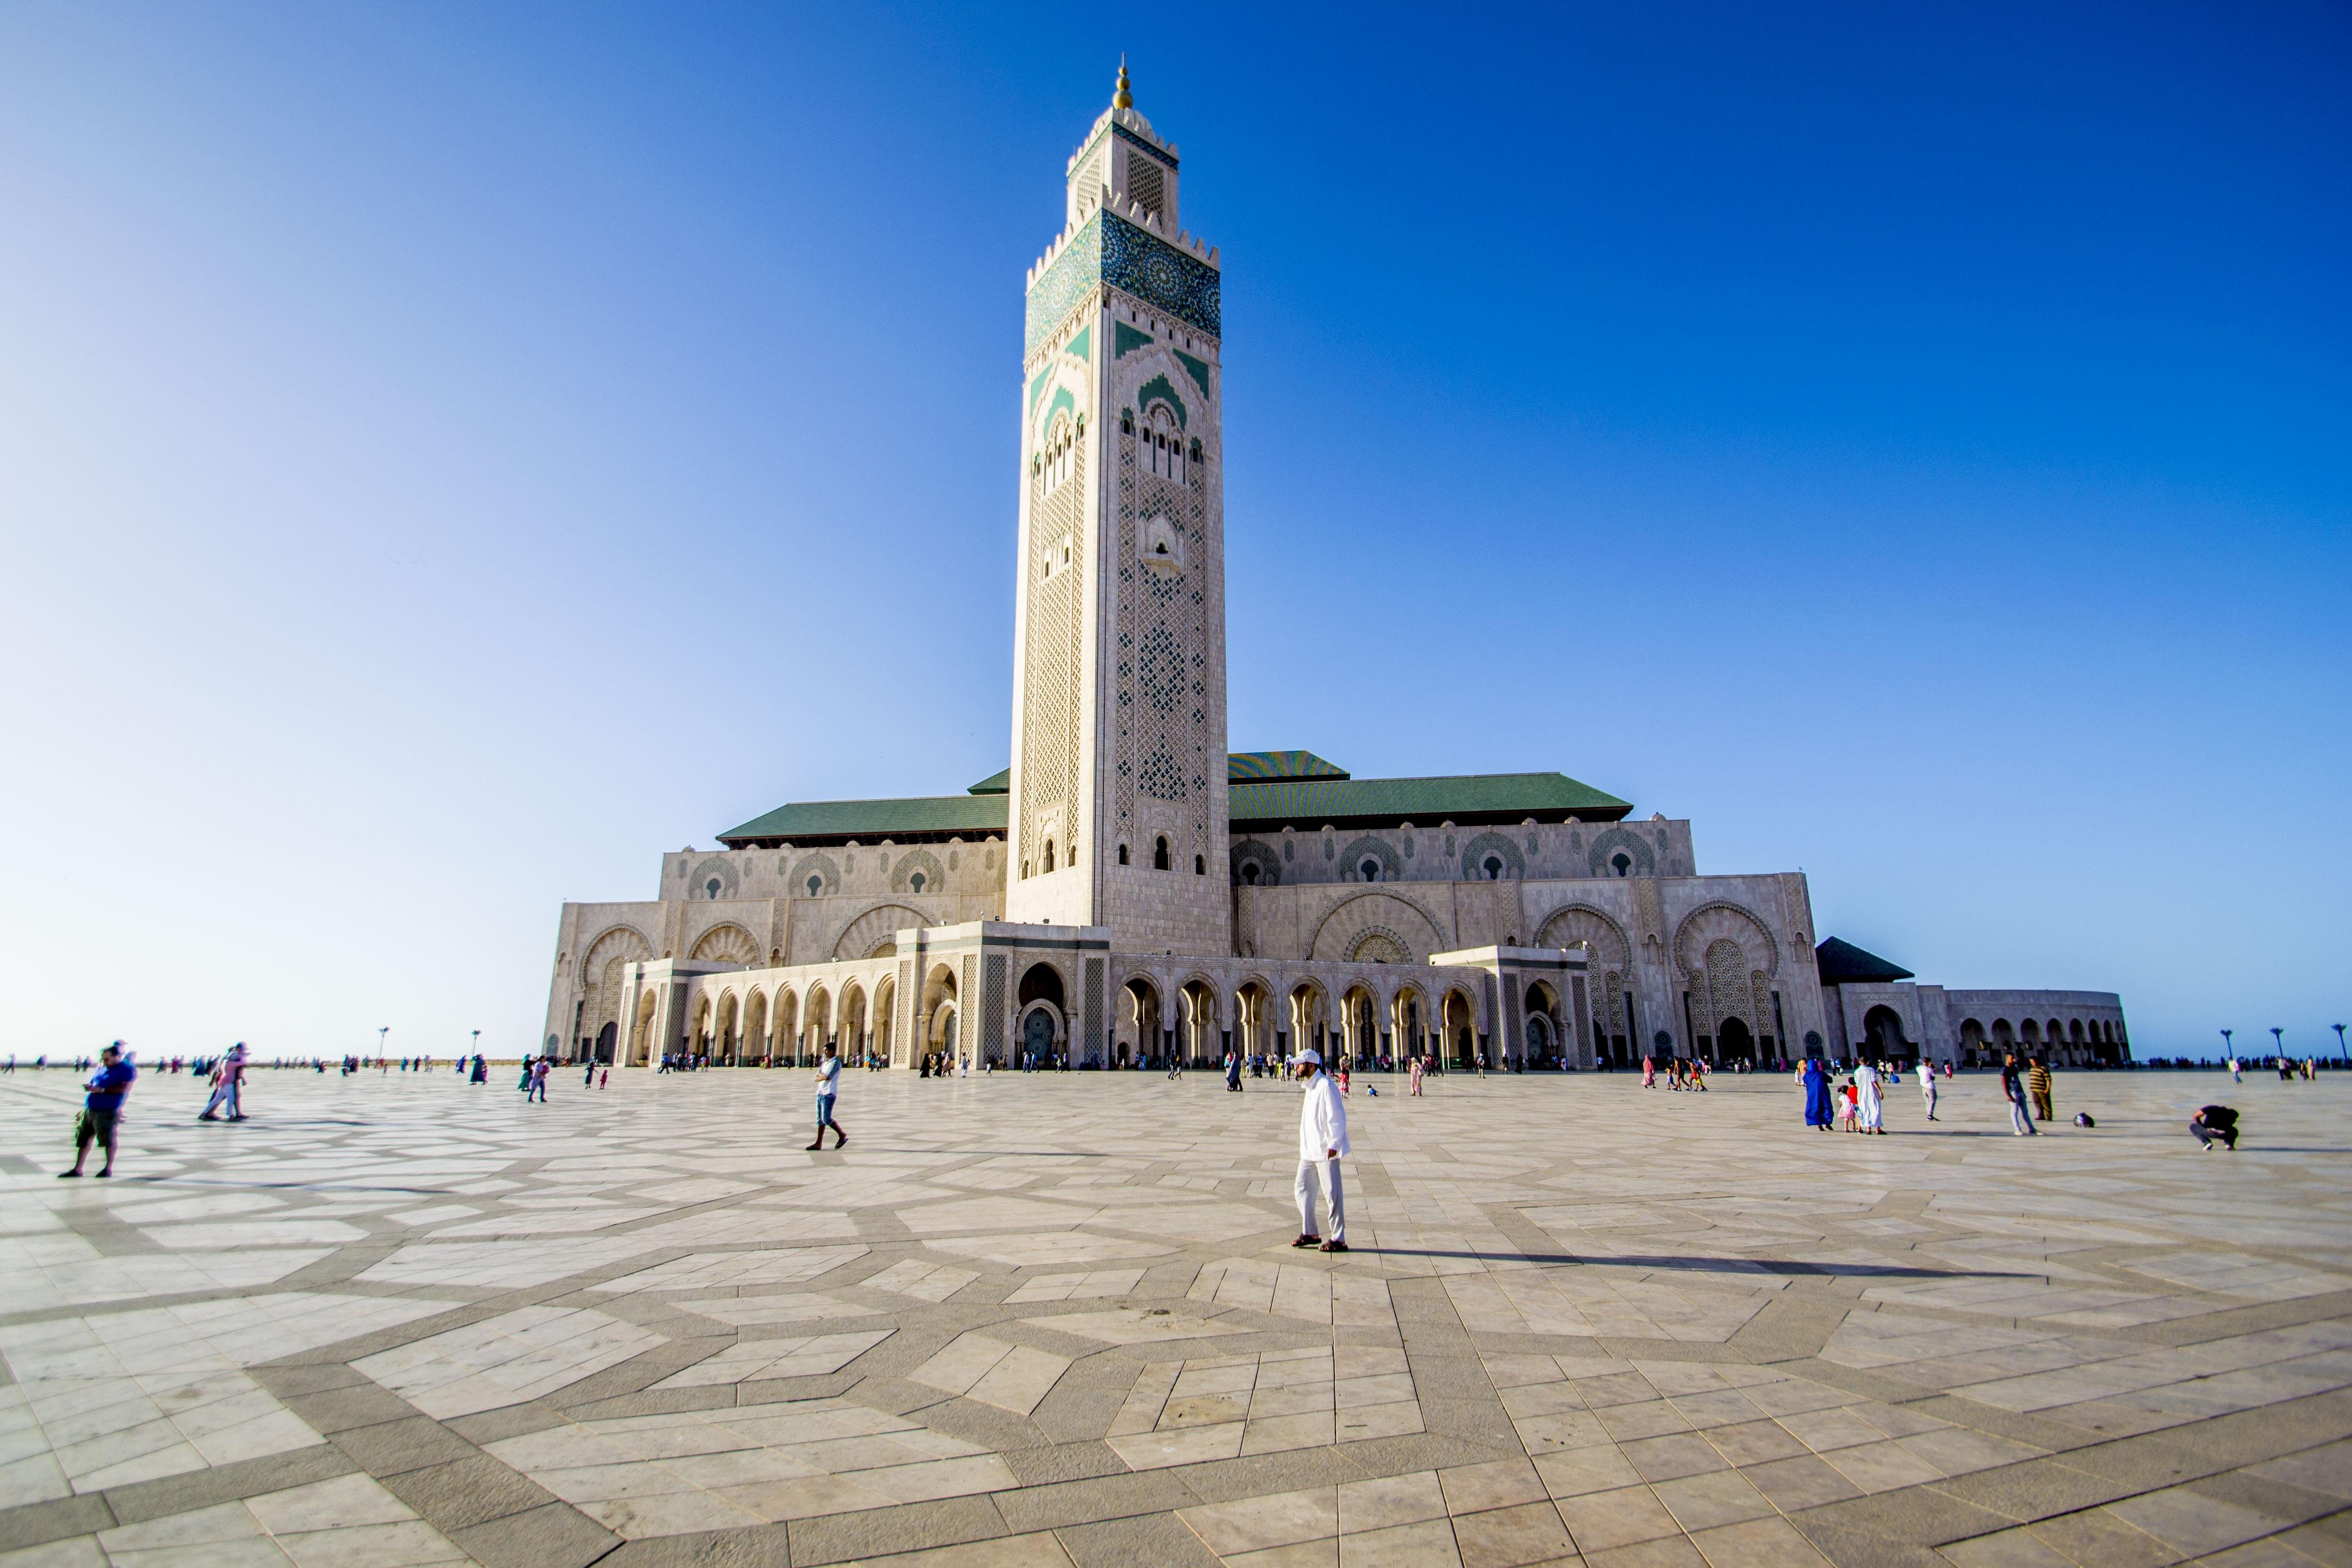 марокко мечеть фото плывете лодке